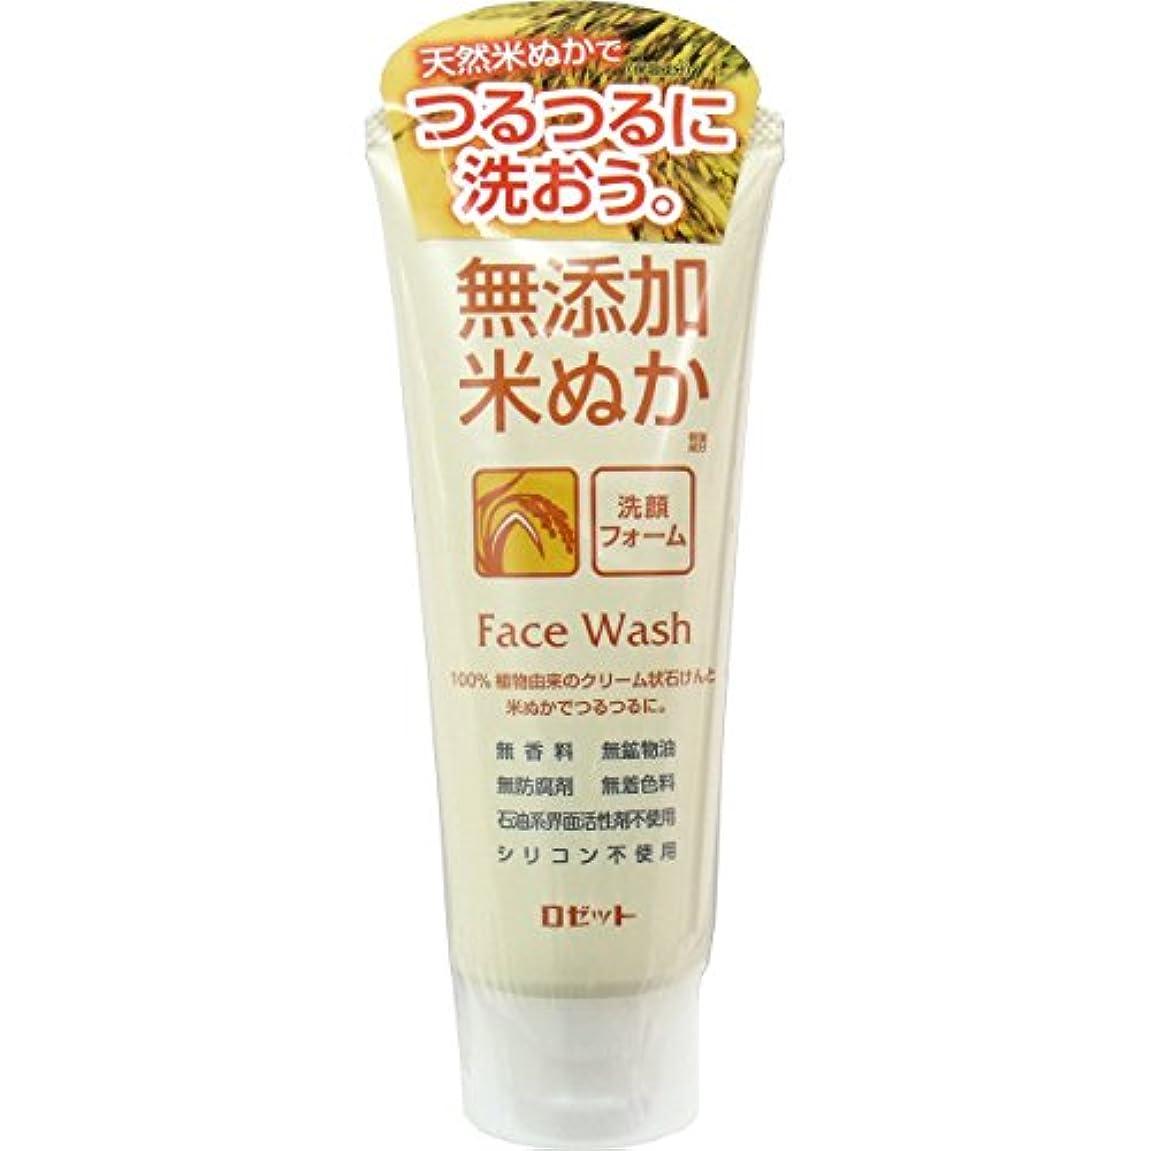 バイパス天才落ち着いた【ロゼット】無添加米ぬか洗顔フォーム 140g ×20個セット